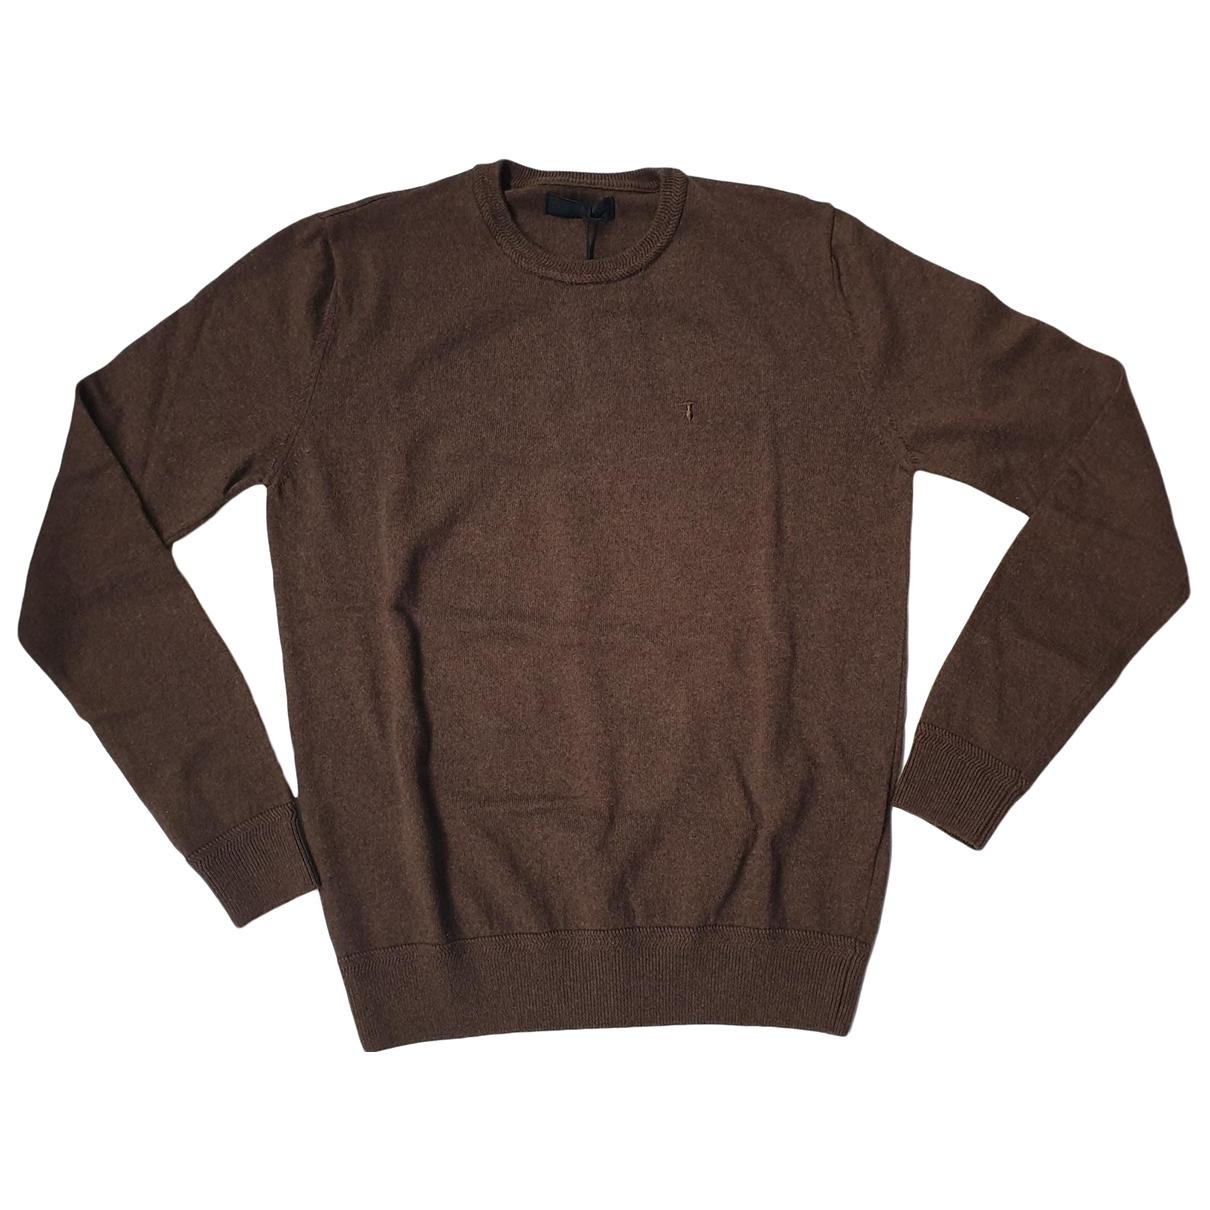 Trussardi - Pulls.Gilets.Sweats   pour homme en coton - marron